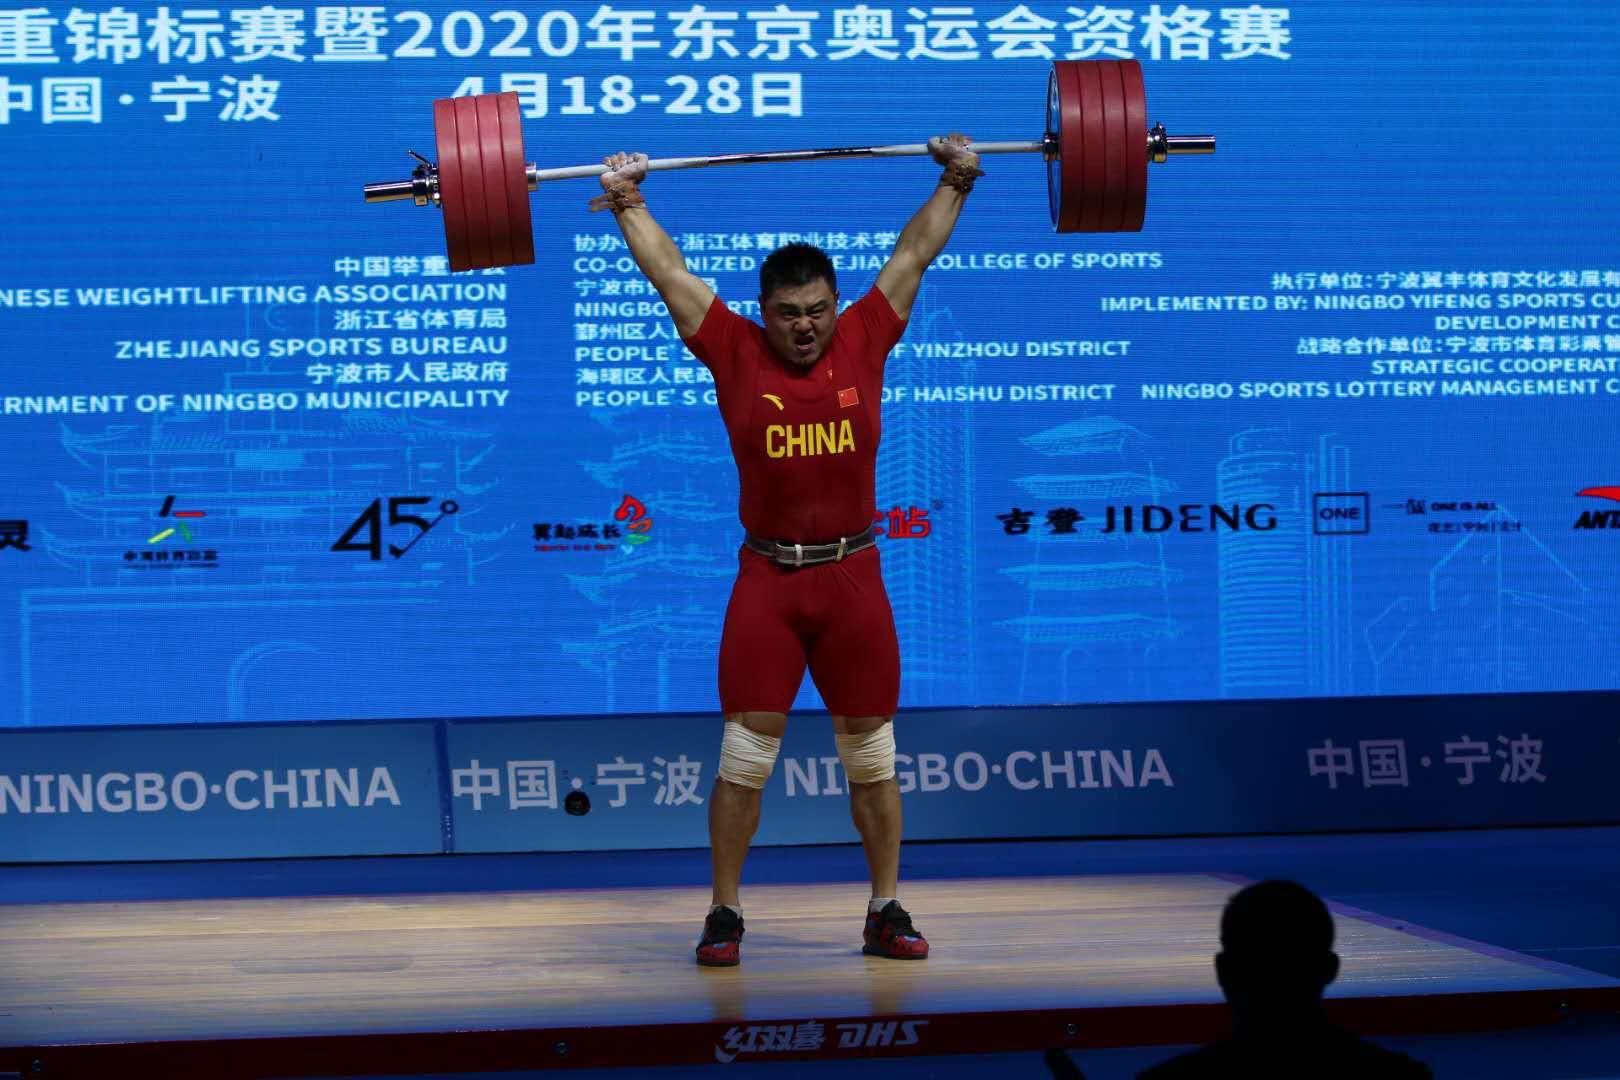 亚洲举重锦标赛传来喜讯!济南运动员杨哲夺冠